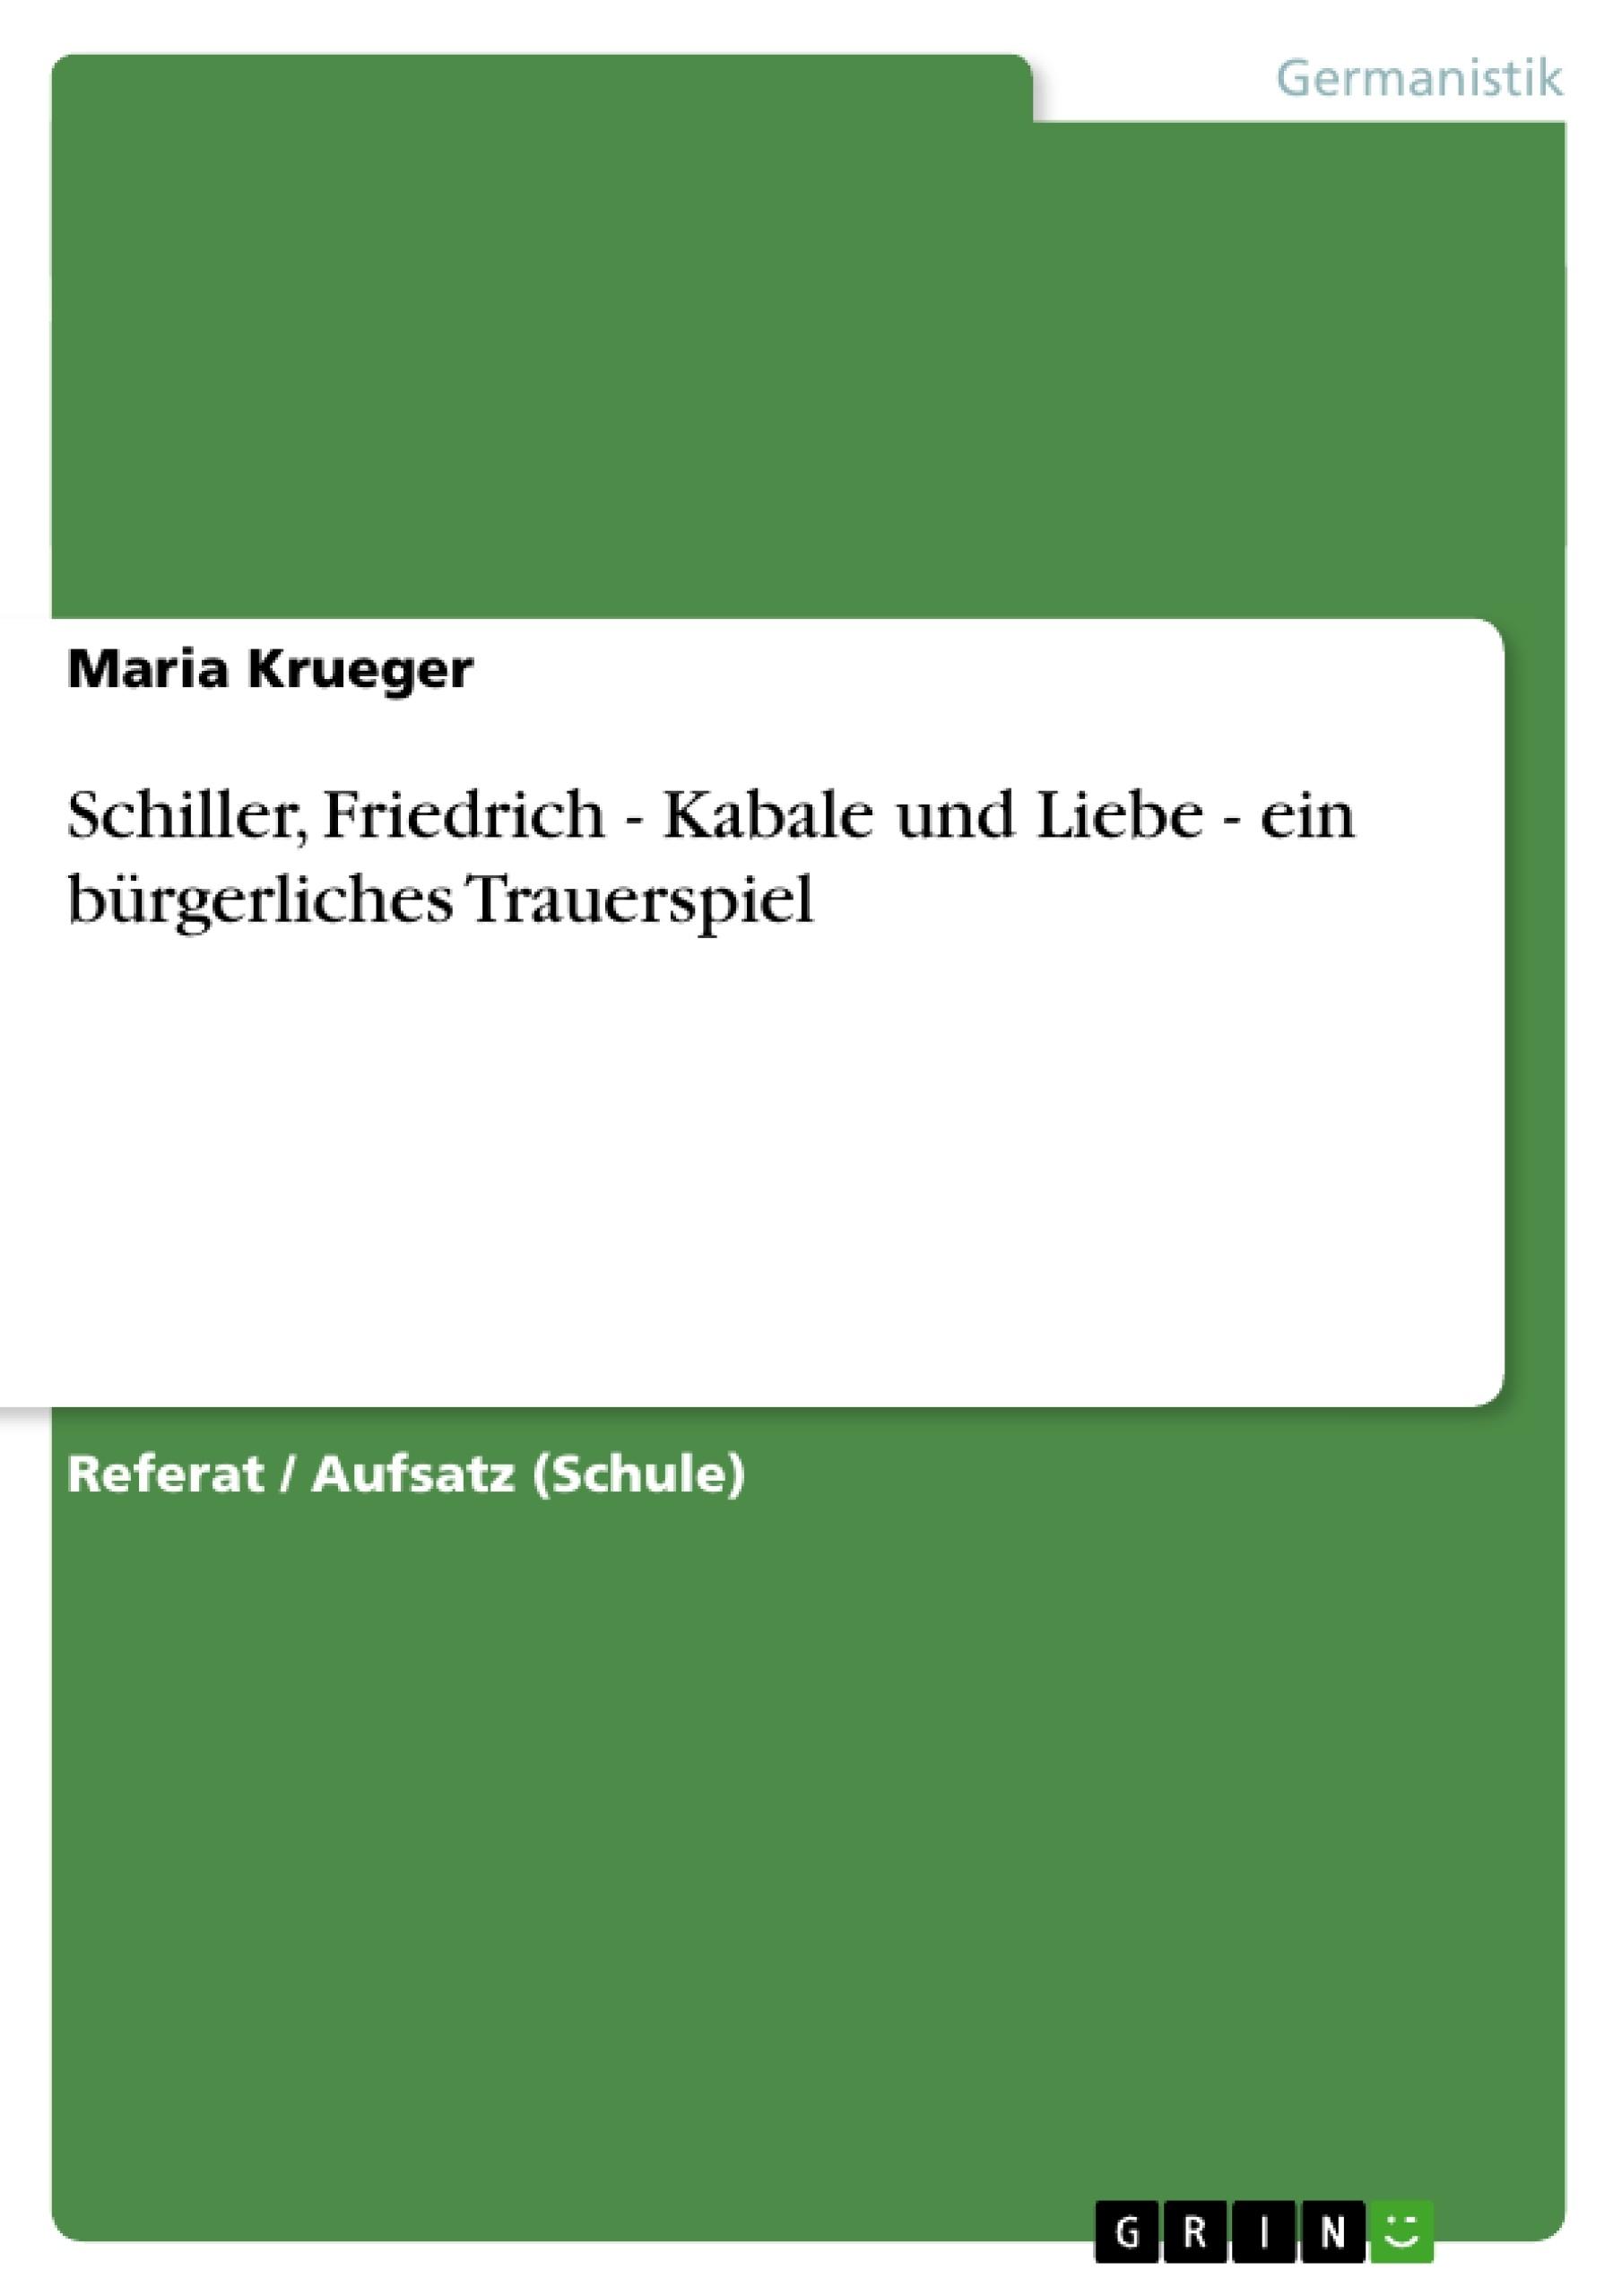 Titel: Schiller, Friedrich - Kabale und Liebe - ein bürgerliches Trauerspiel